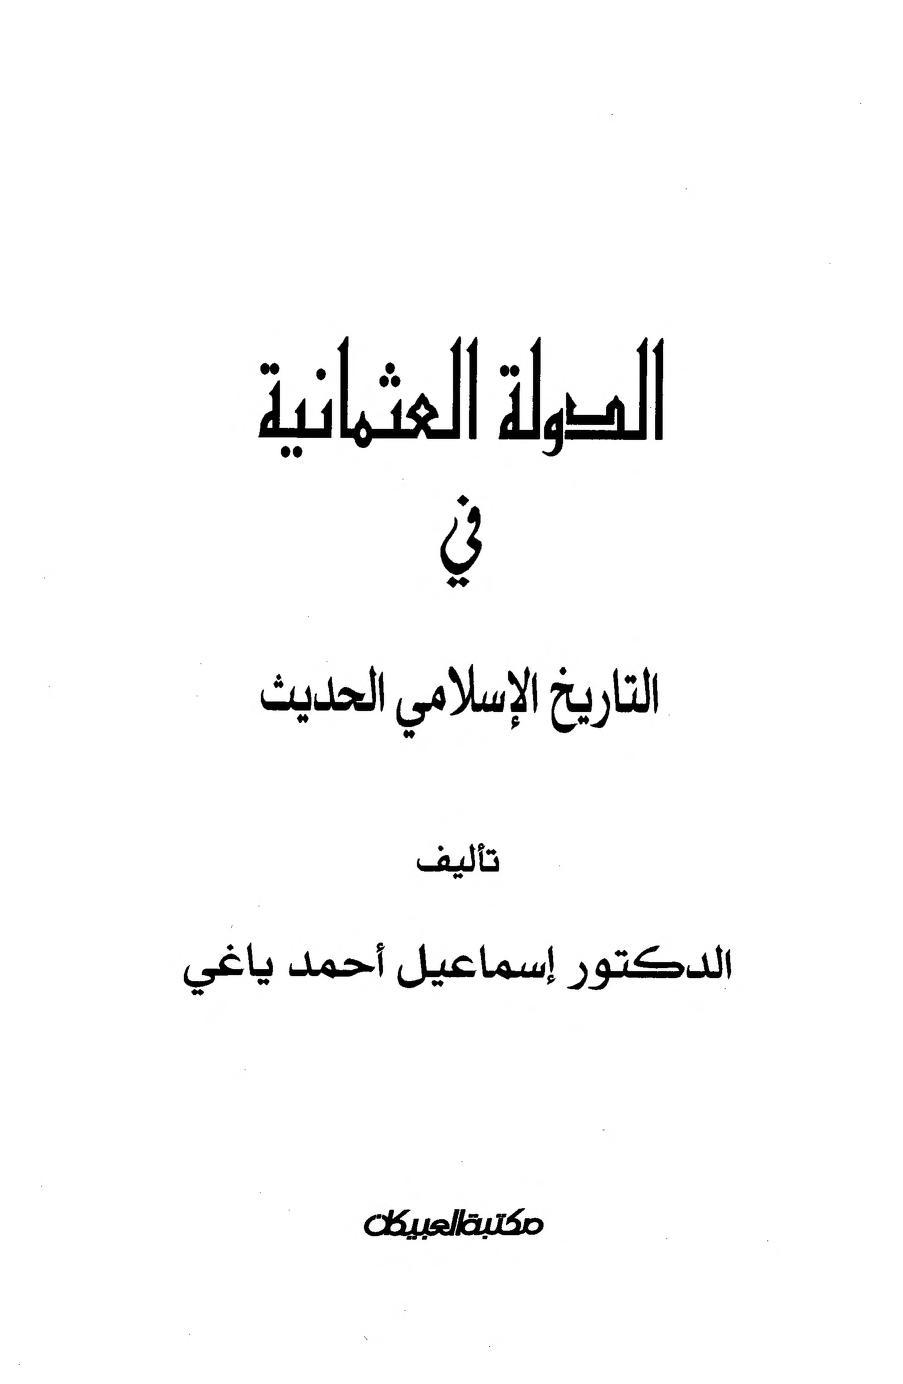 تحميل قصص من التاريخ الاسلامي طارق السويدان mp3